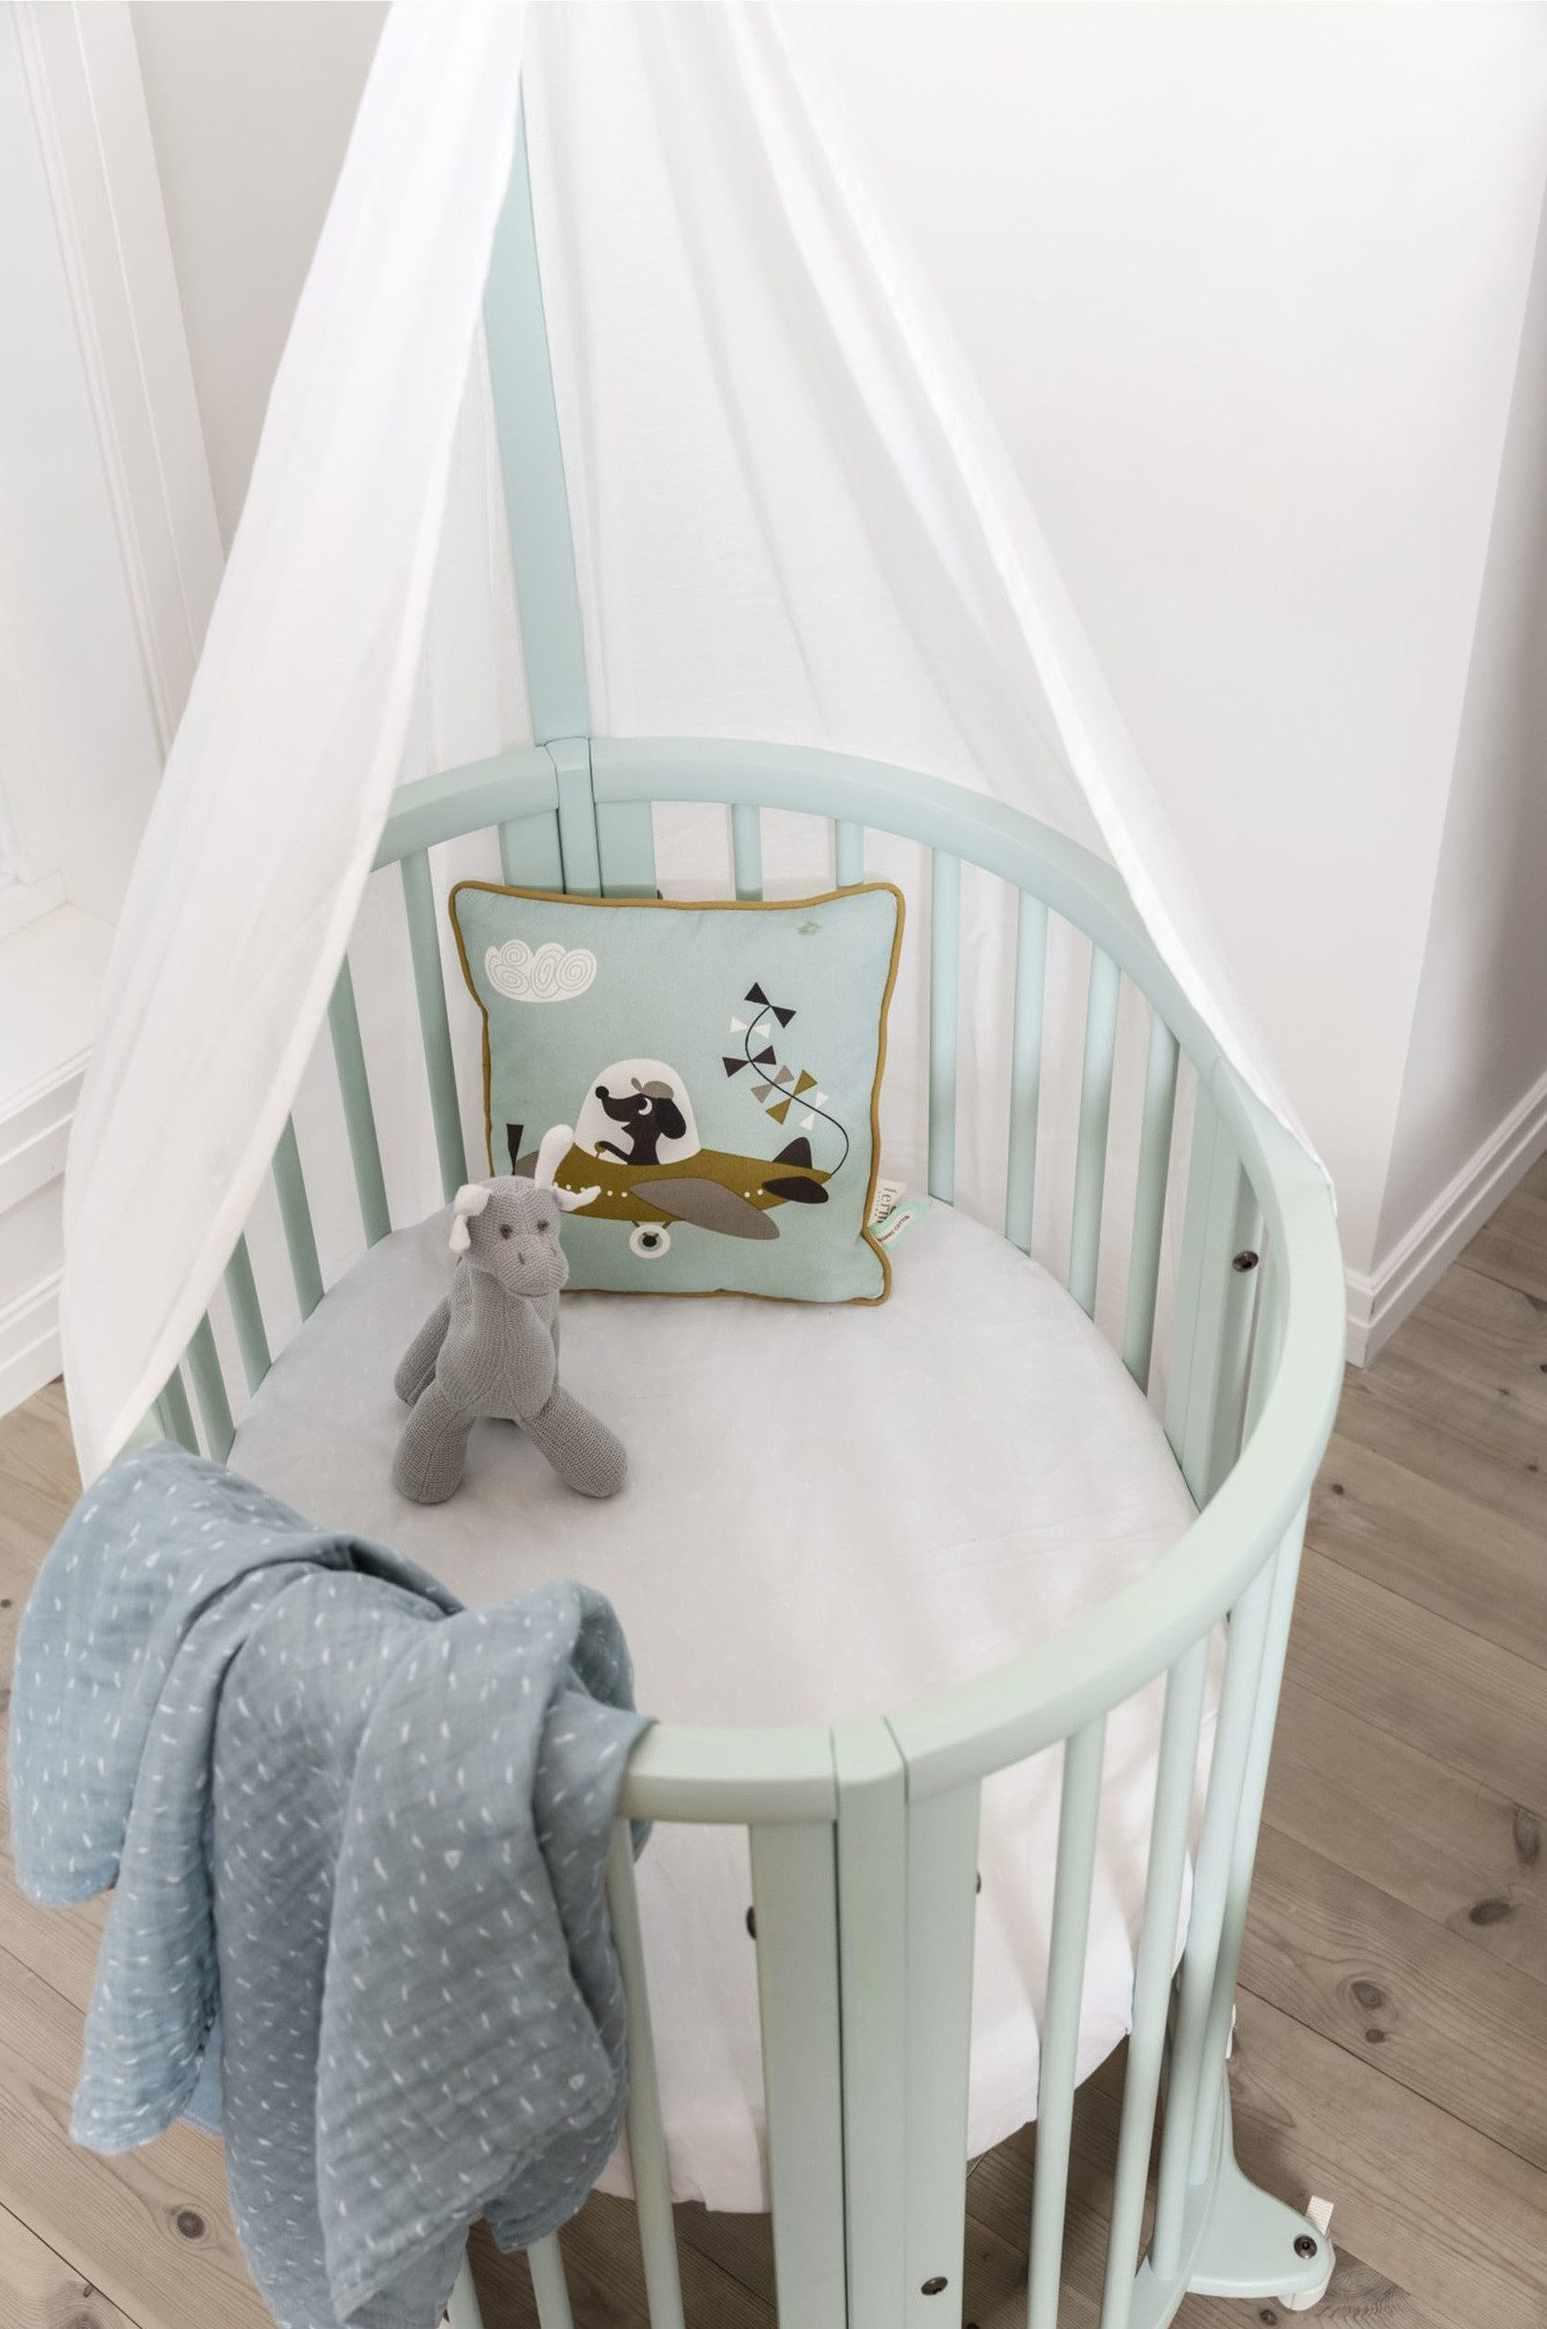 Stokke Sleepi Mini crib in mint green